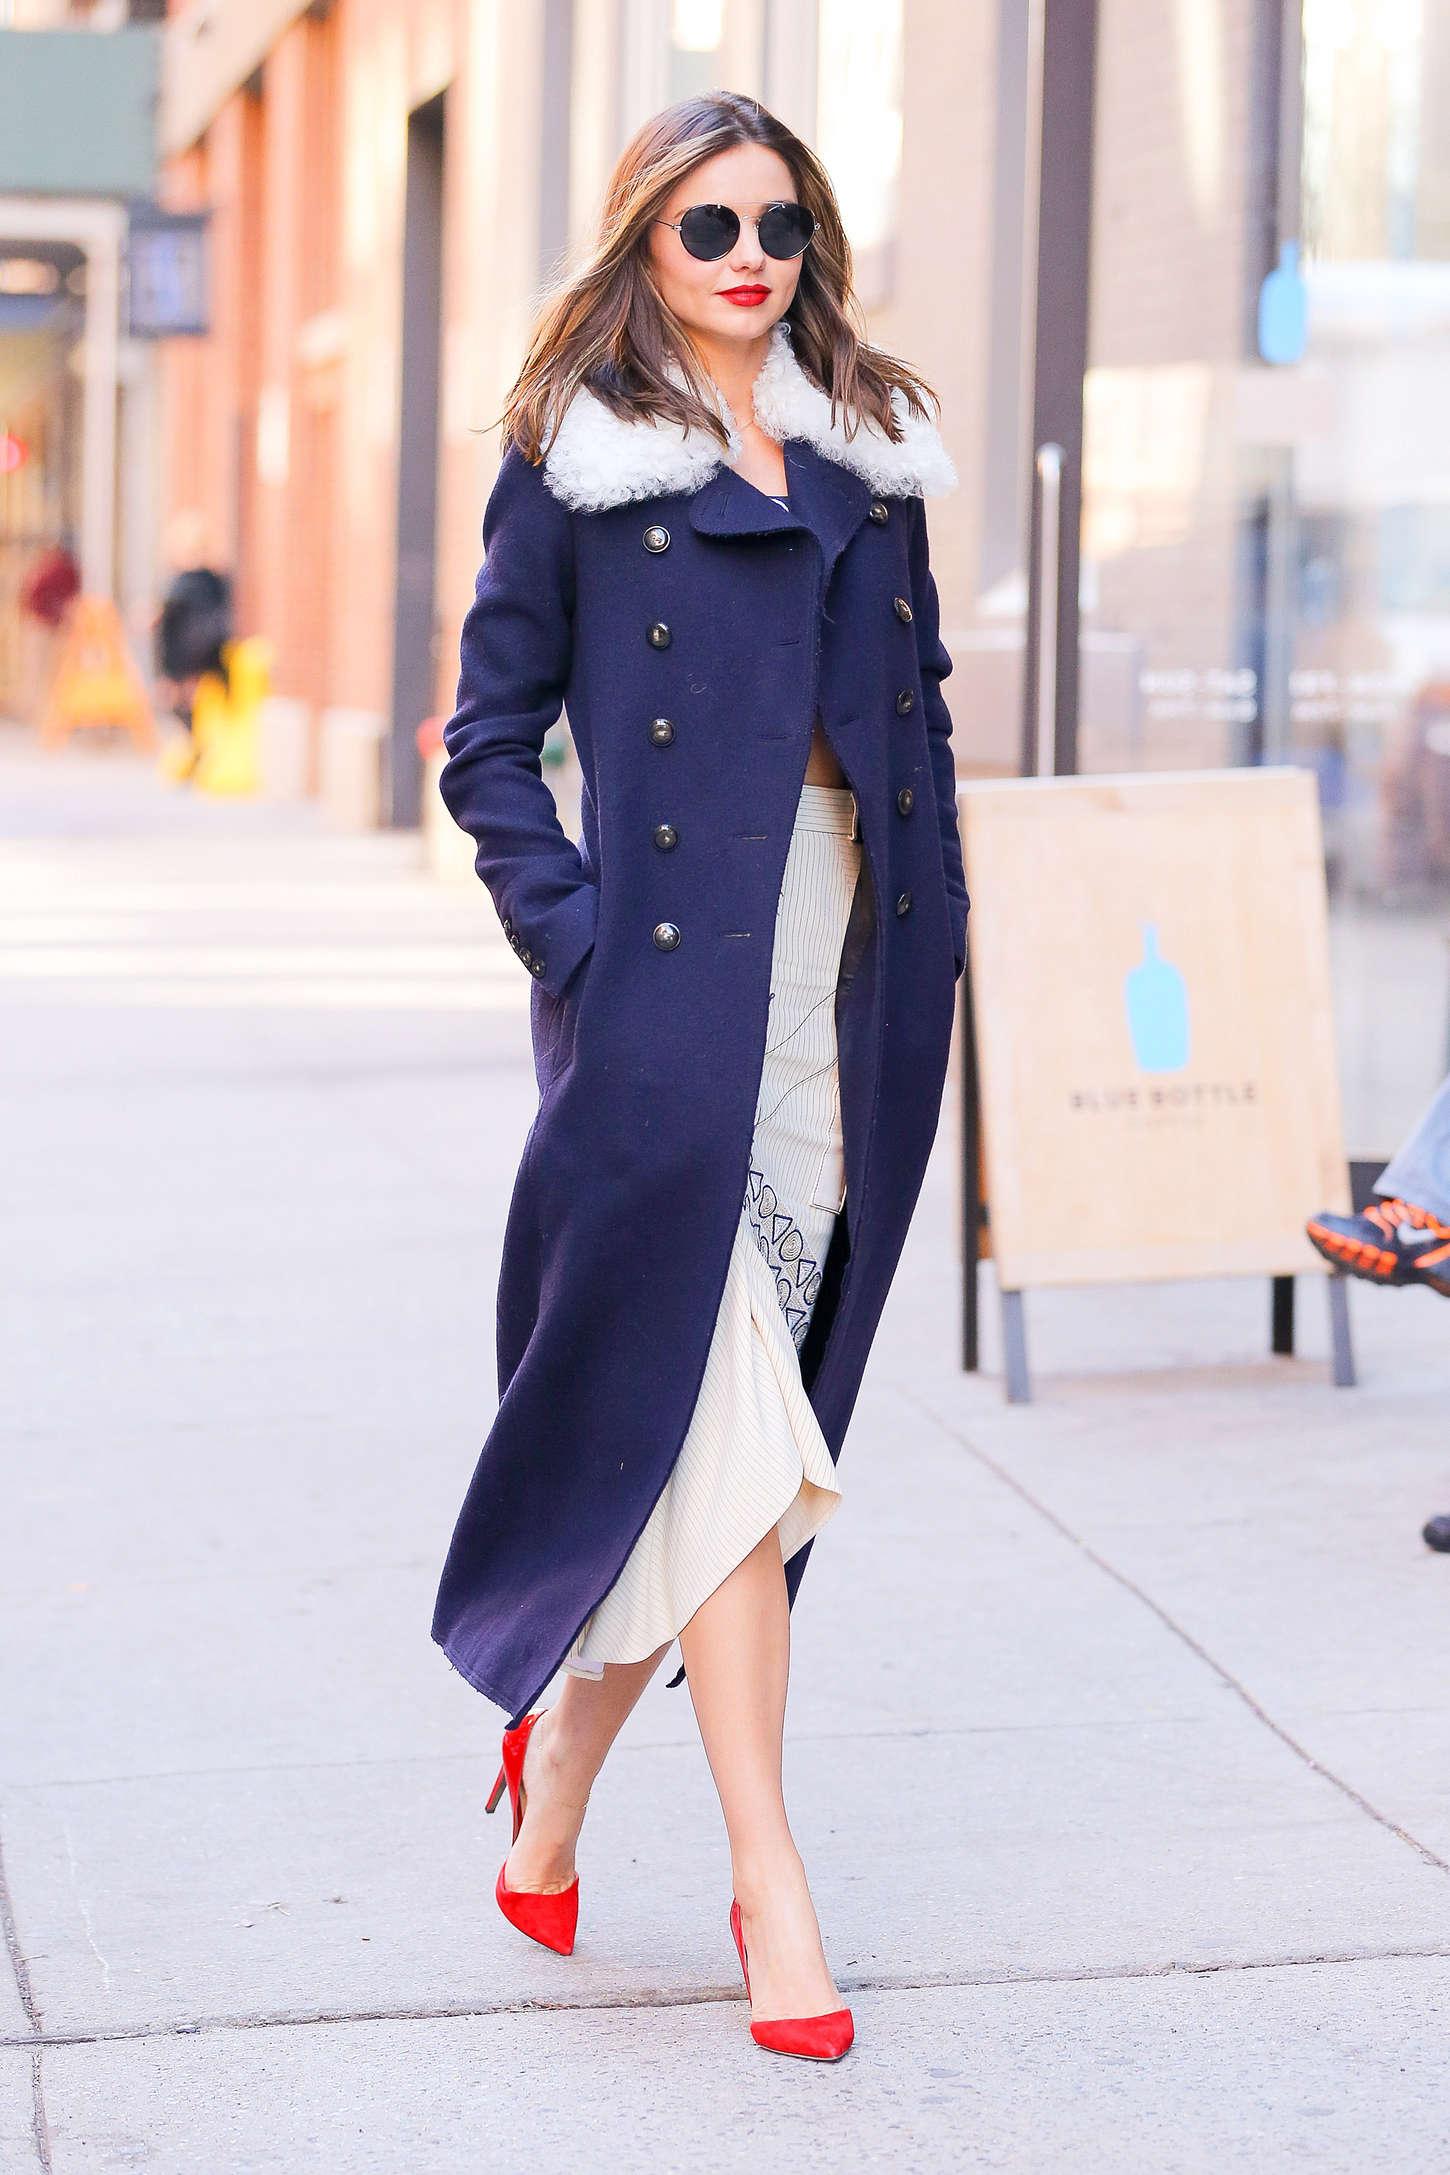 Miranda Kerr 2015 : Miranda Kerr out in NYC -05